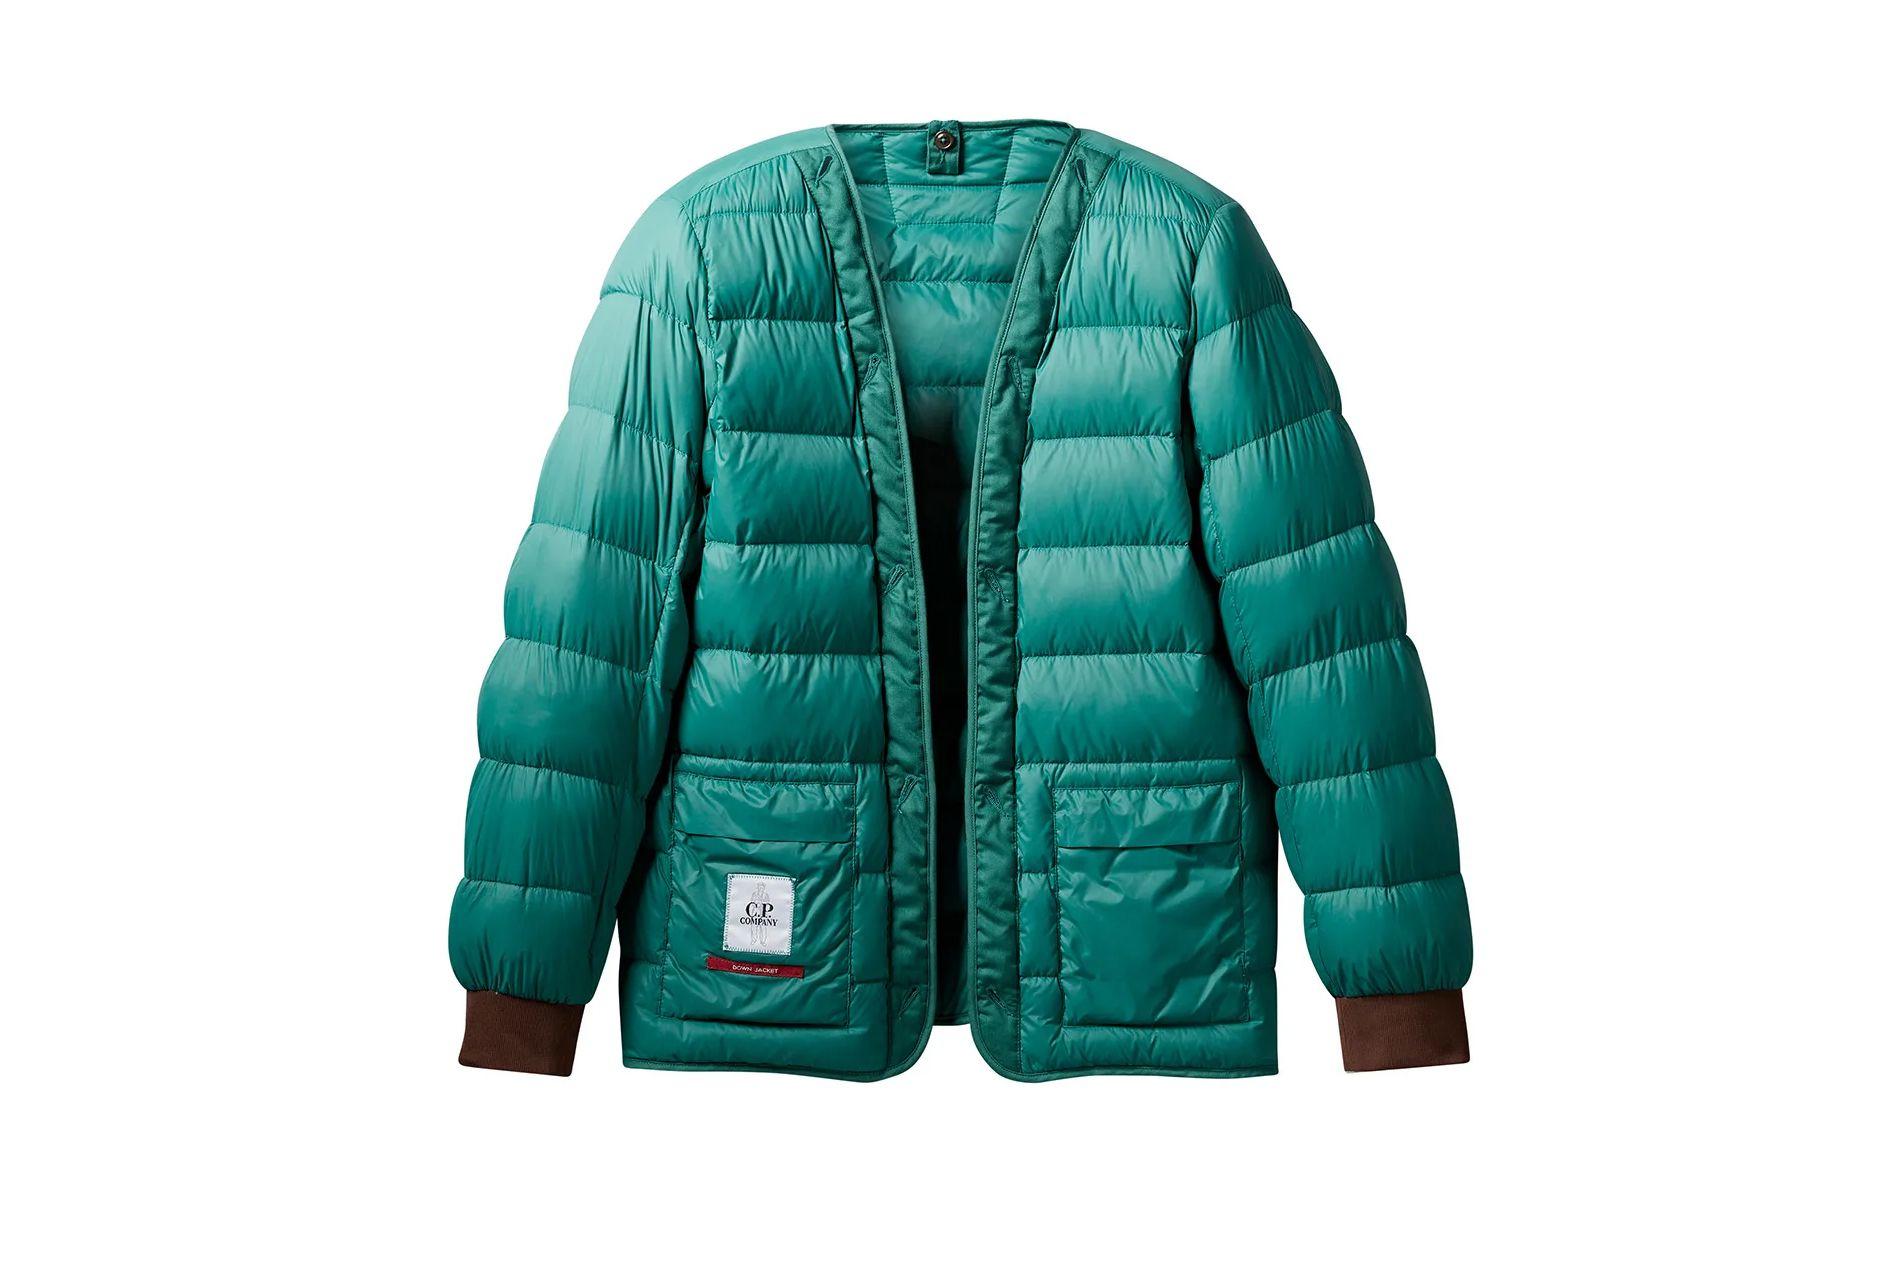 C.P. Company x adidas SPZL Jacket